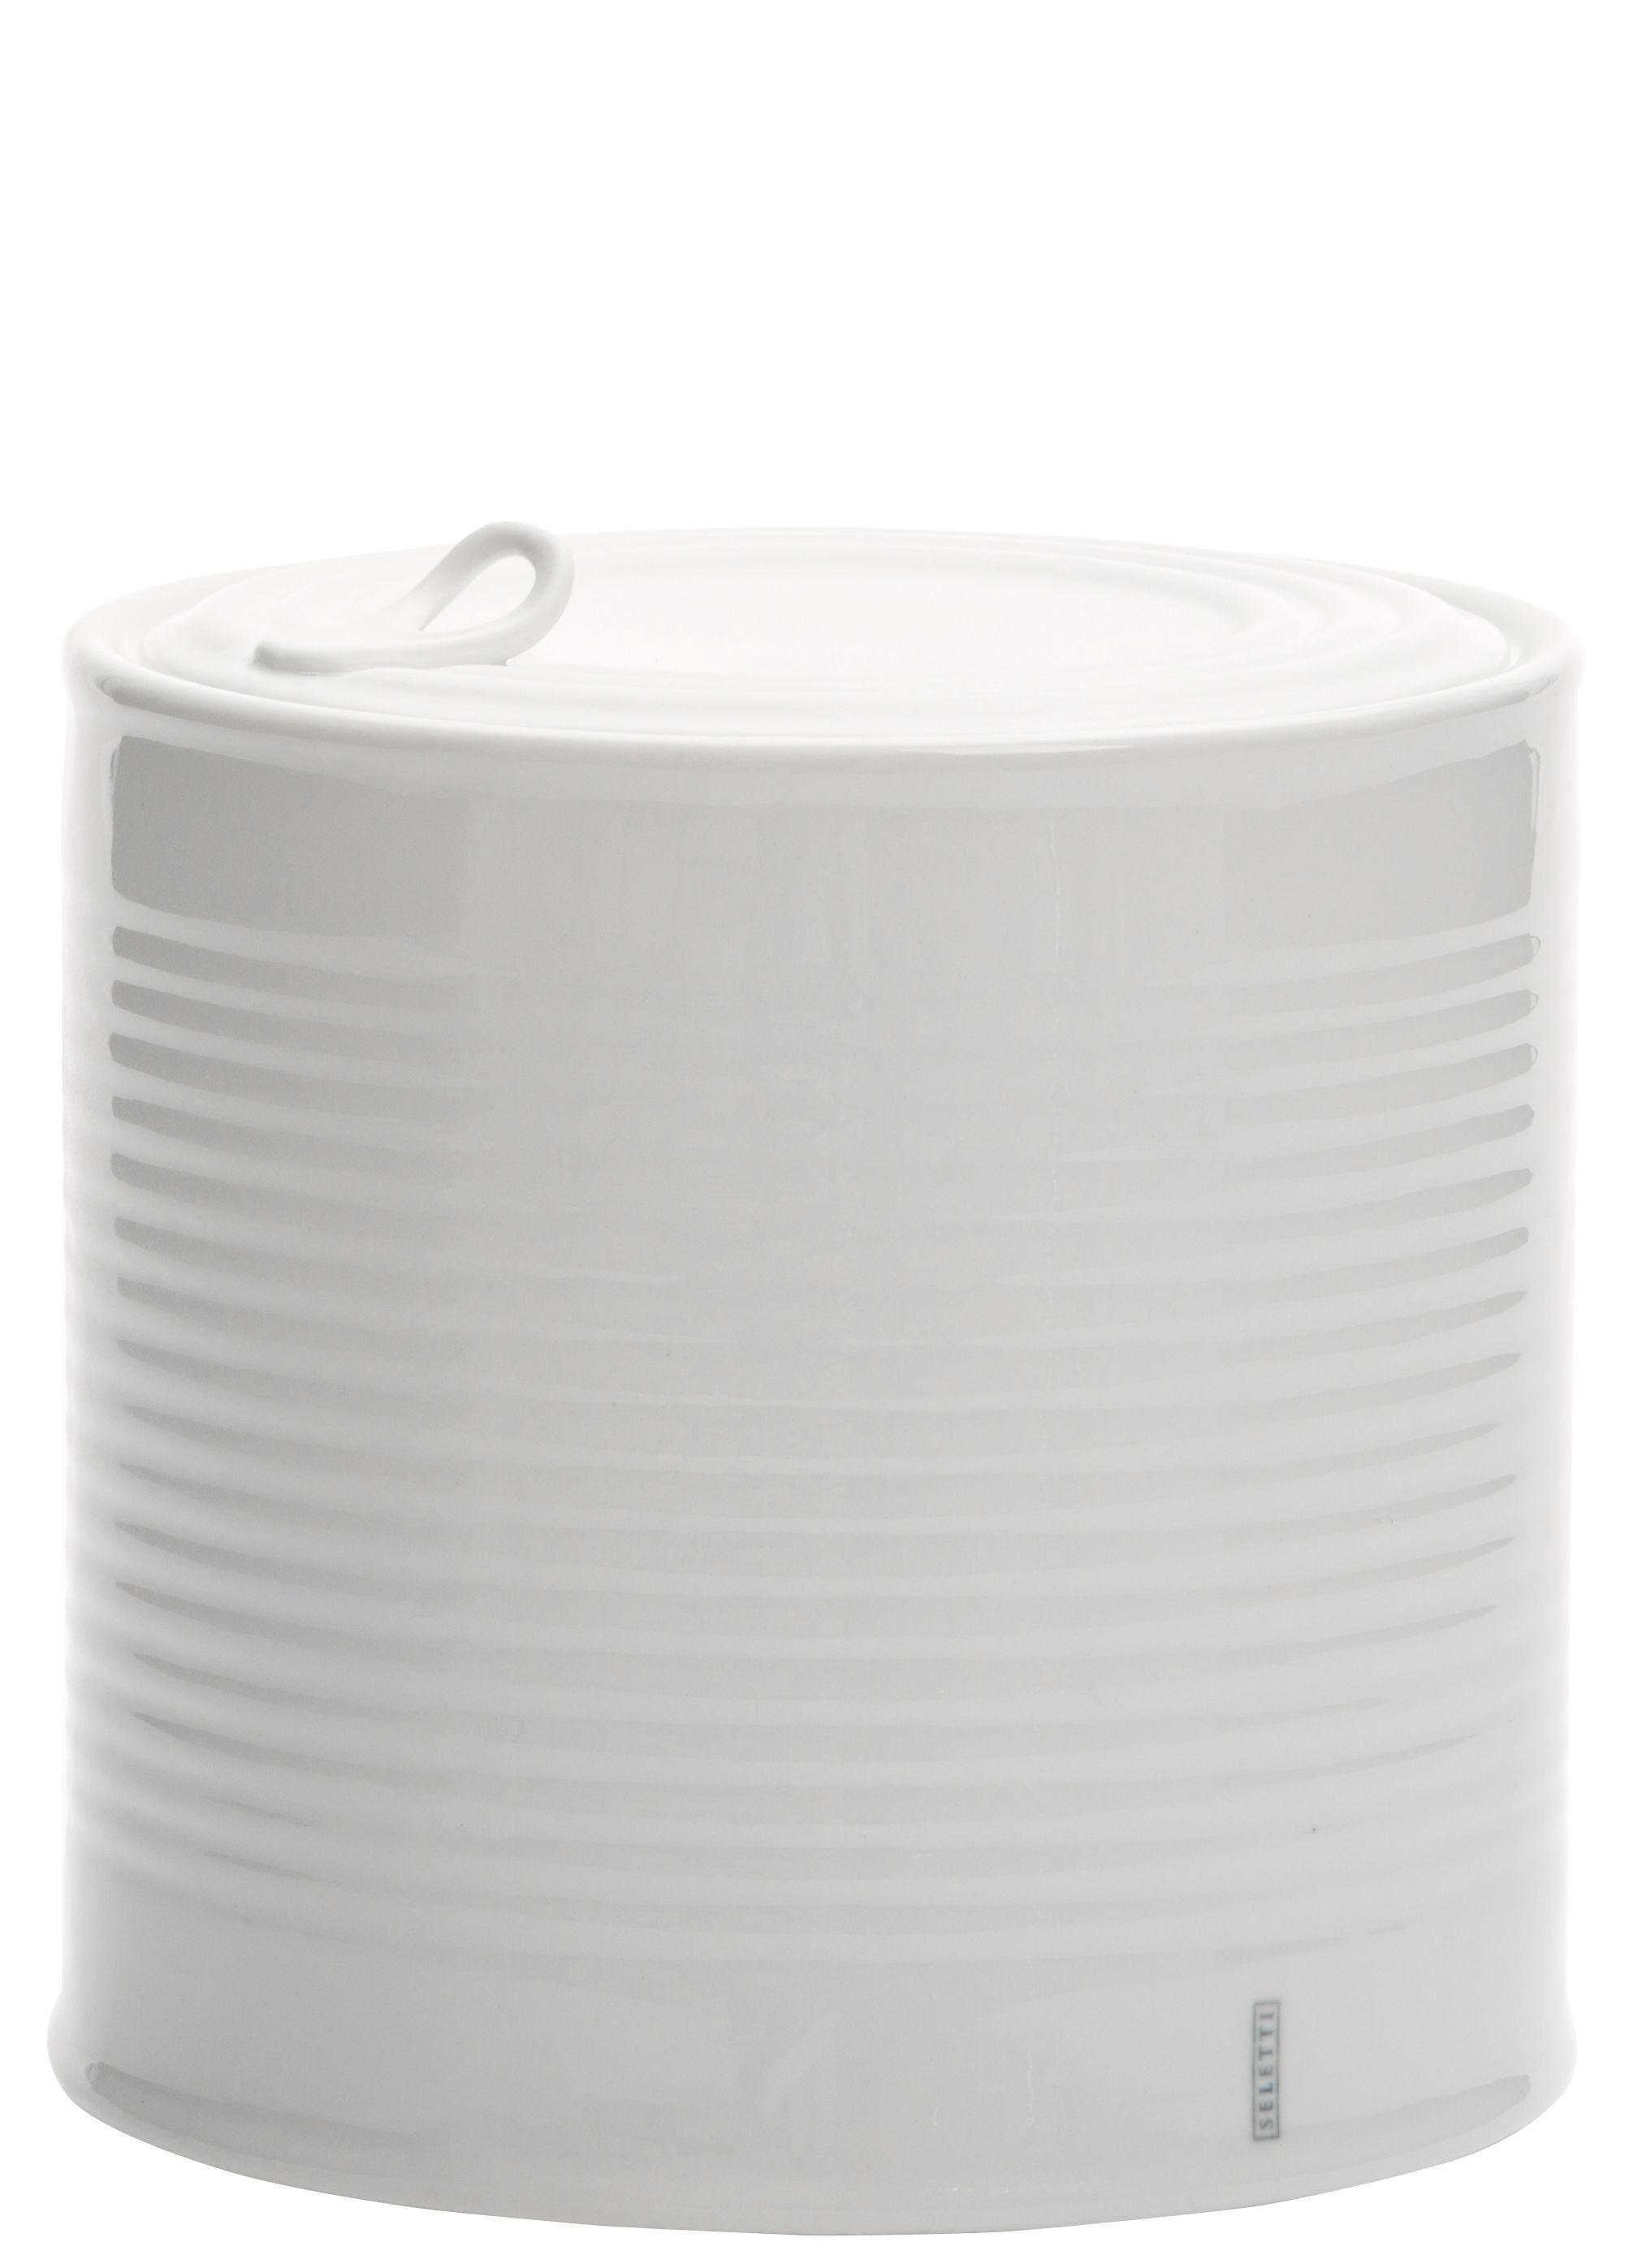 Cuisine - Boîtes, pots et bocaux - Boîte Estetico Quotidiano Large / Sucrier - Ø 15 x H 15 cm - Seletti - Large / Ø 15 x H 15 cm - Porcelaine